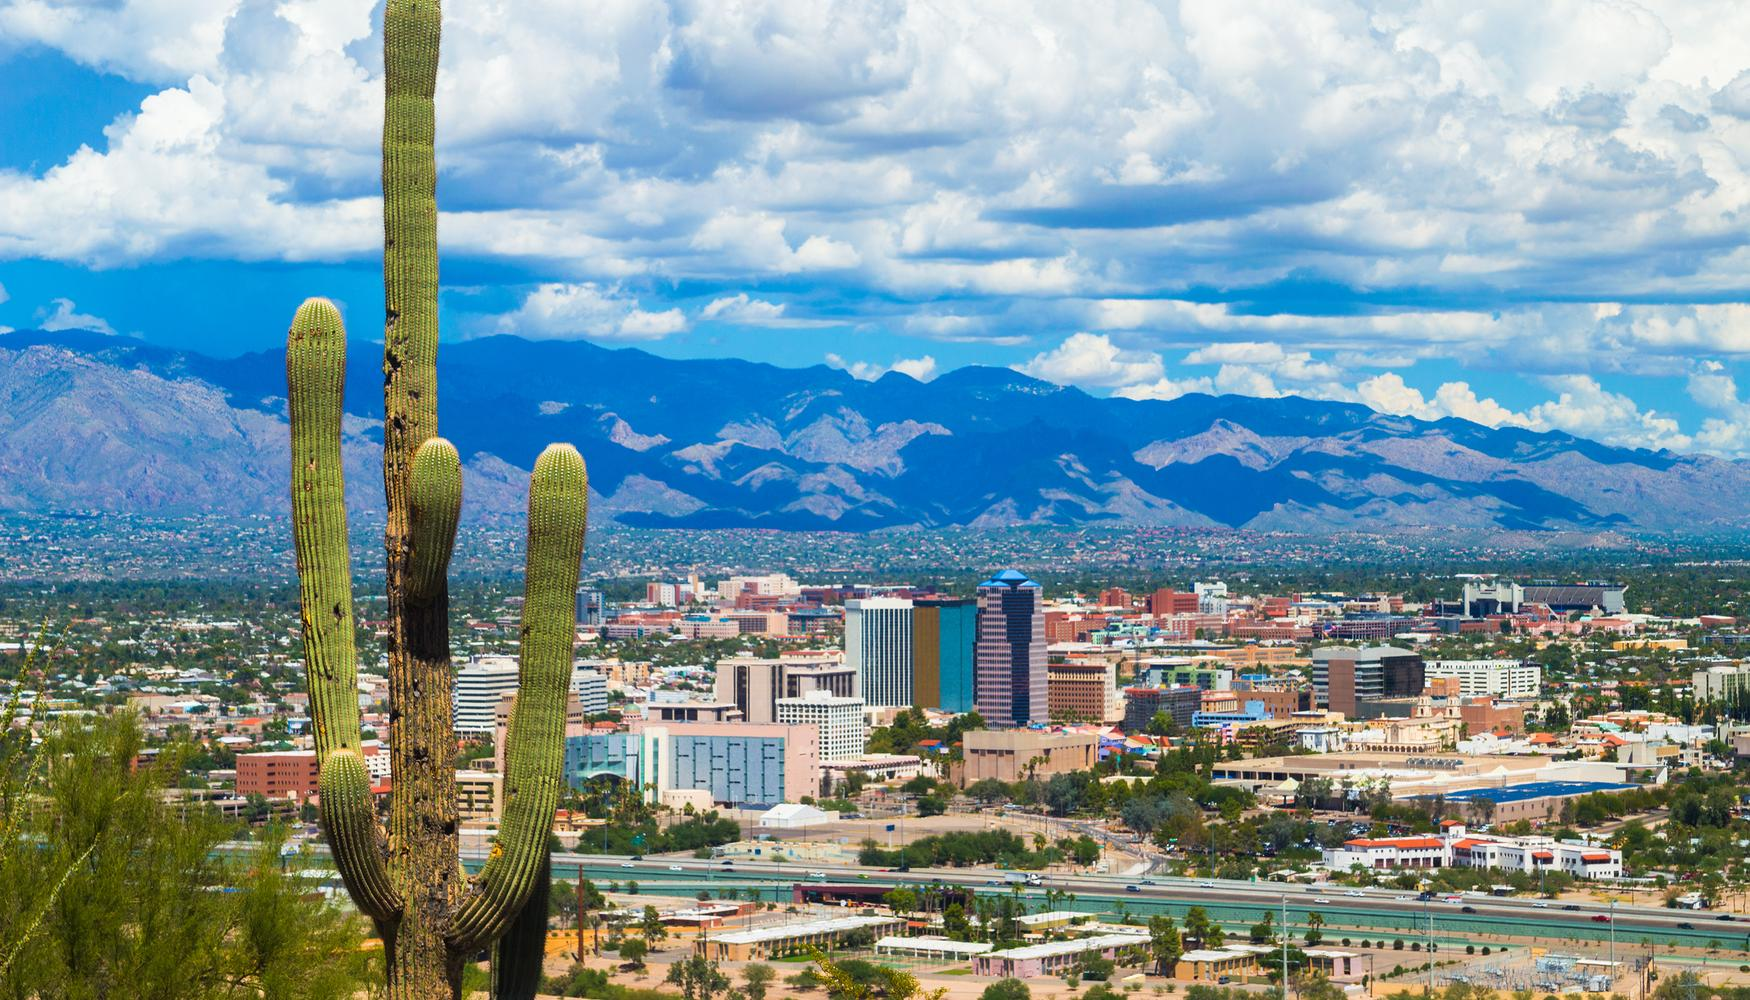 Car hire at Tucson Airport